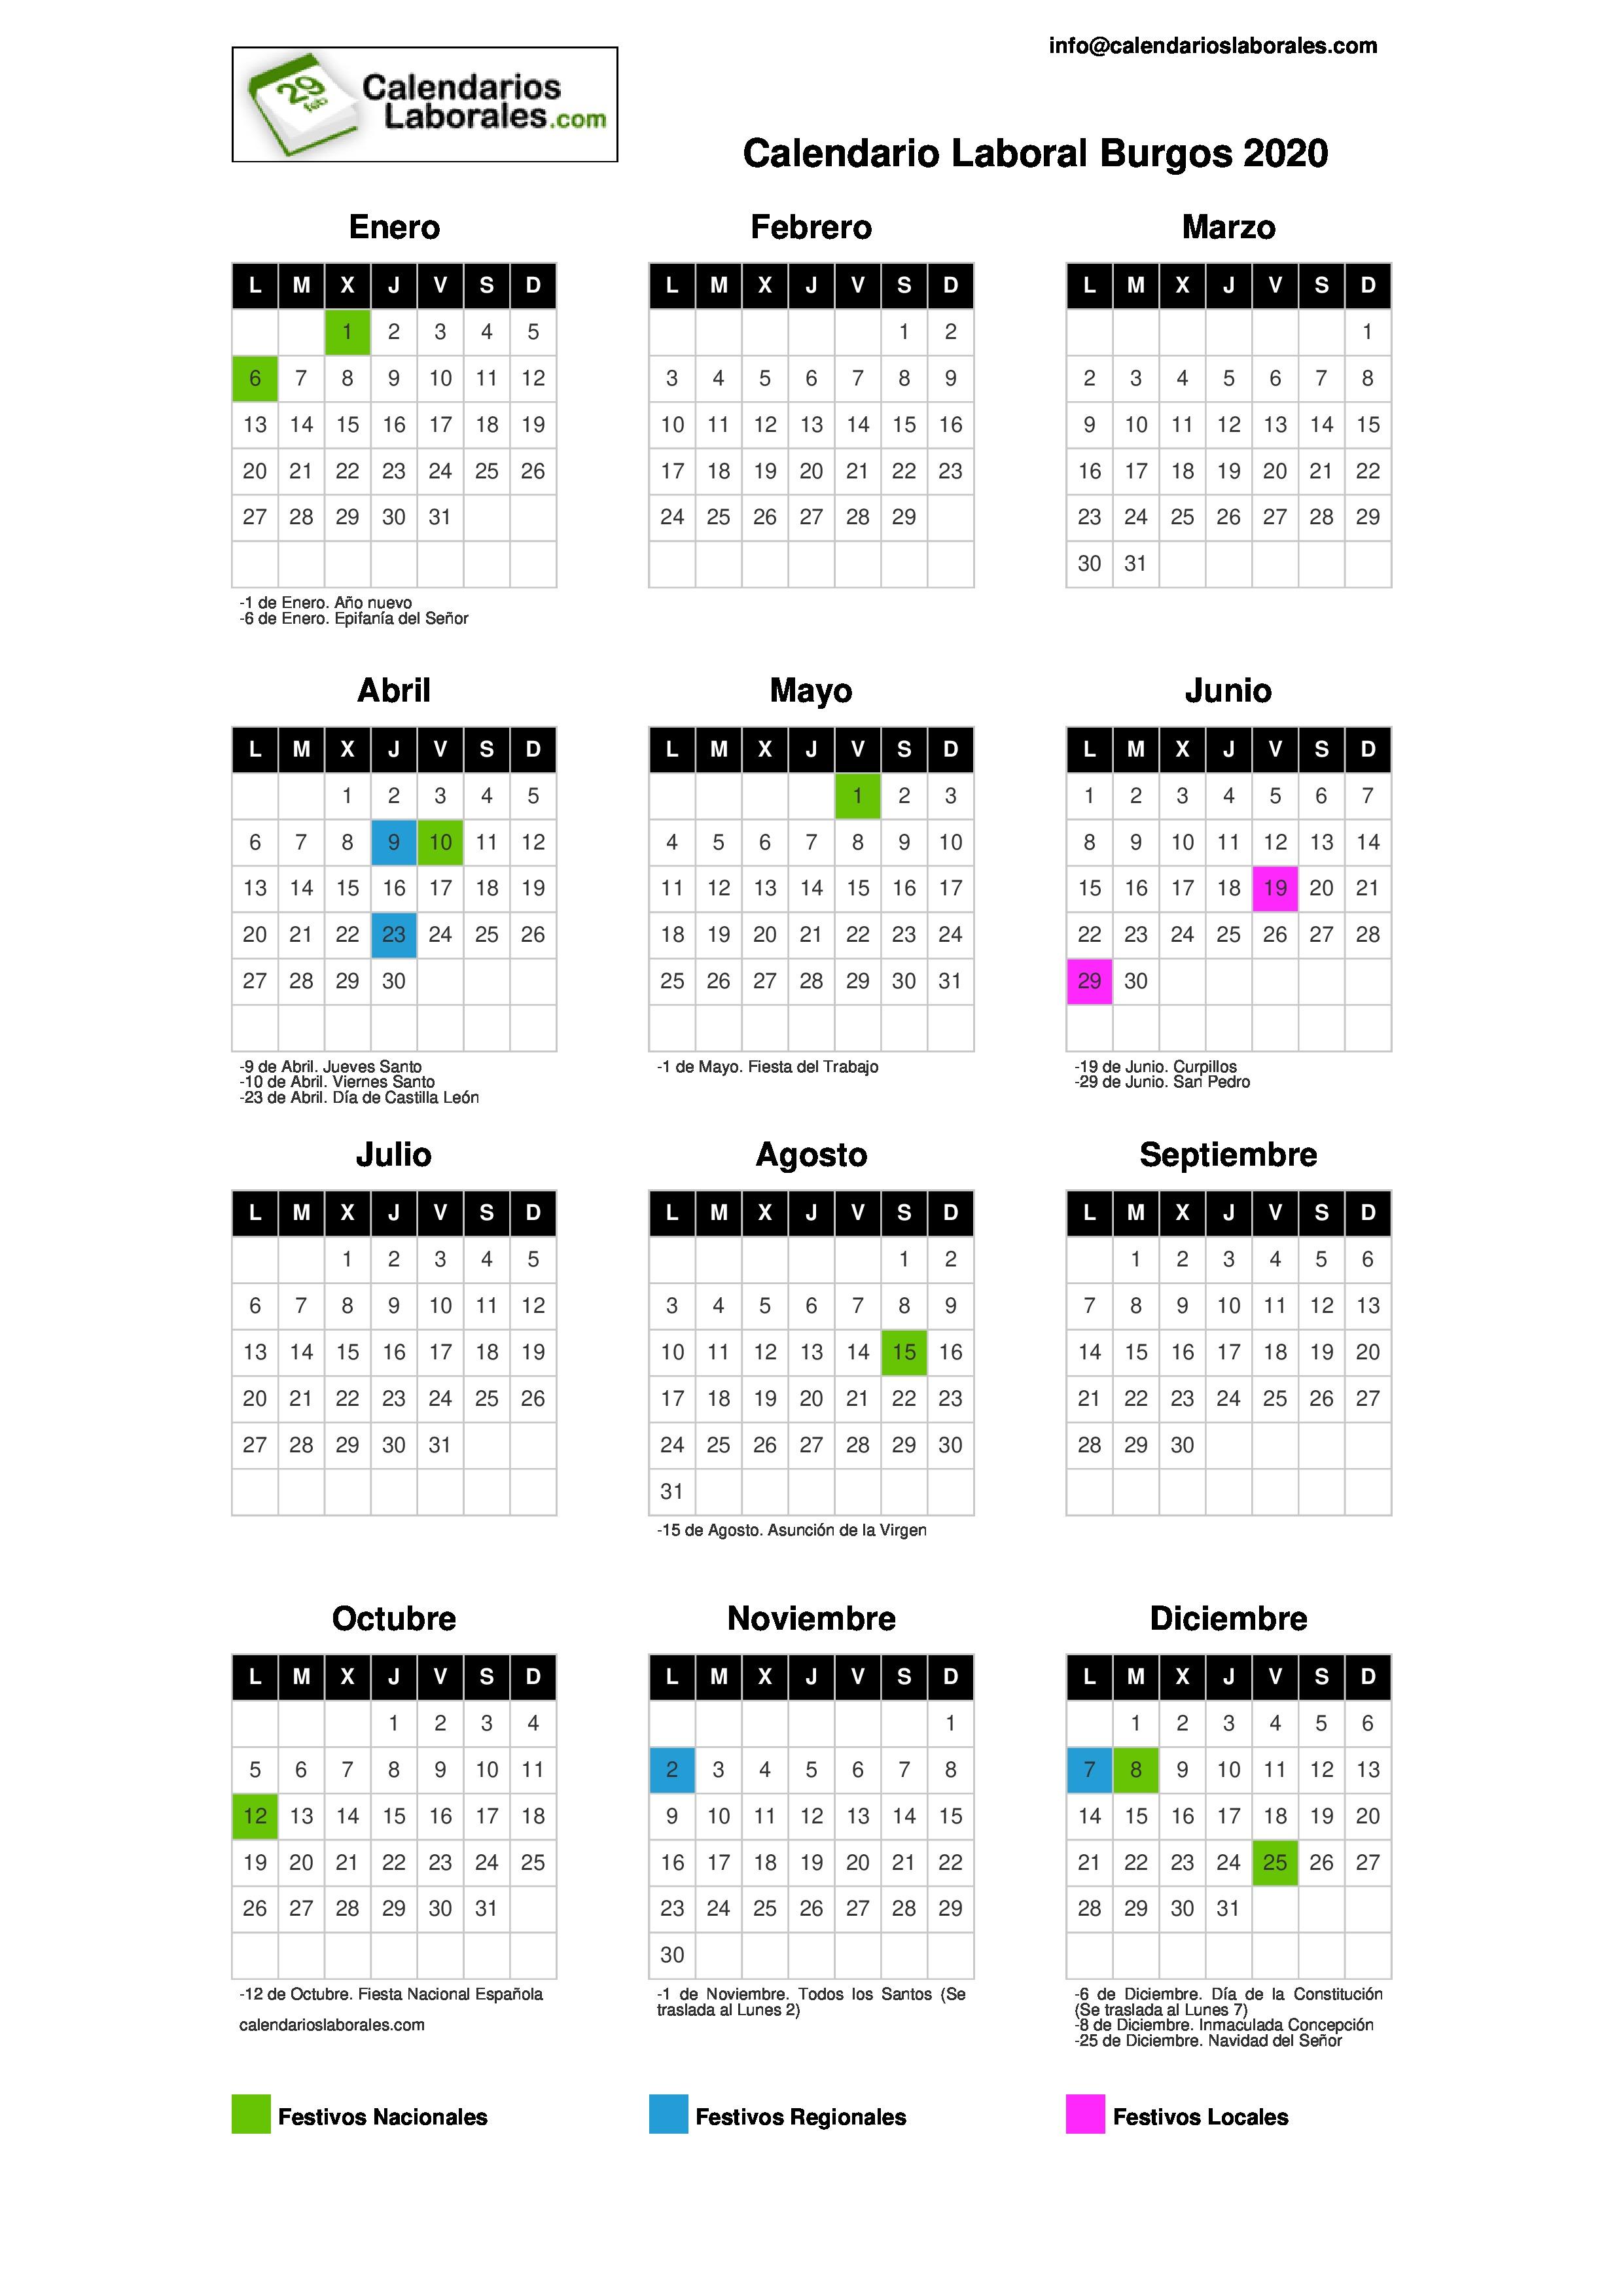 Calendario Diciembre 2020 Navideno.Calendario Laboral Burgos 2020